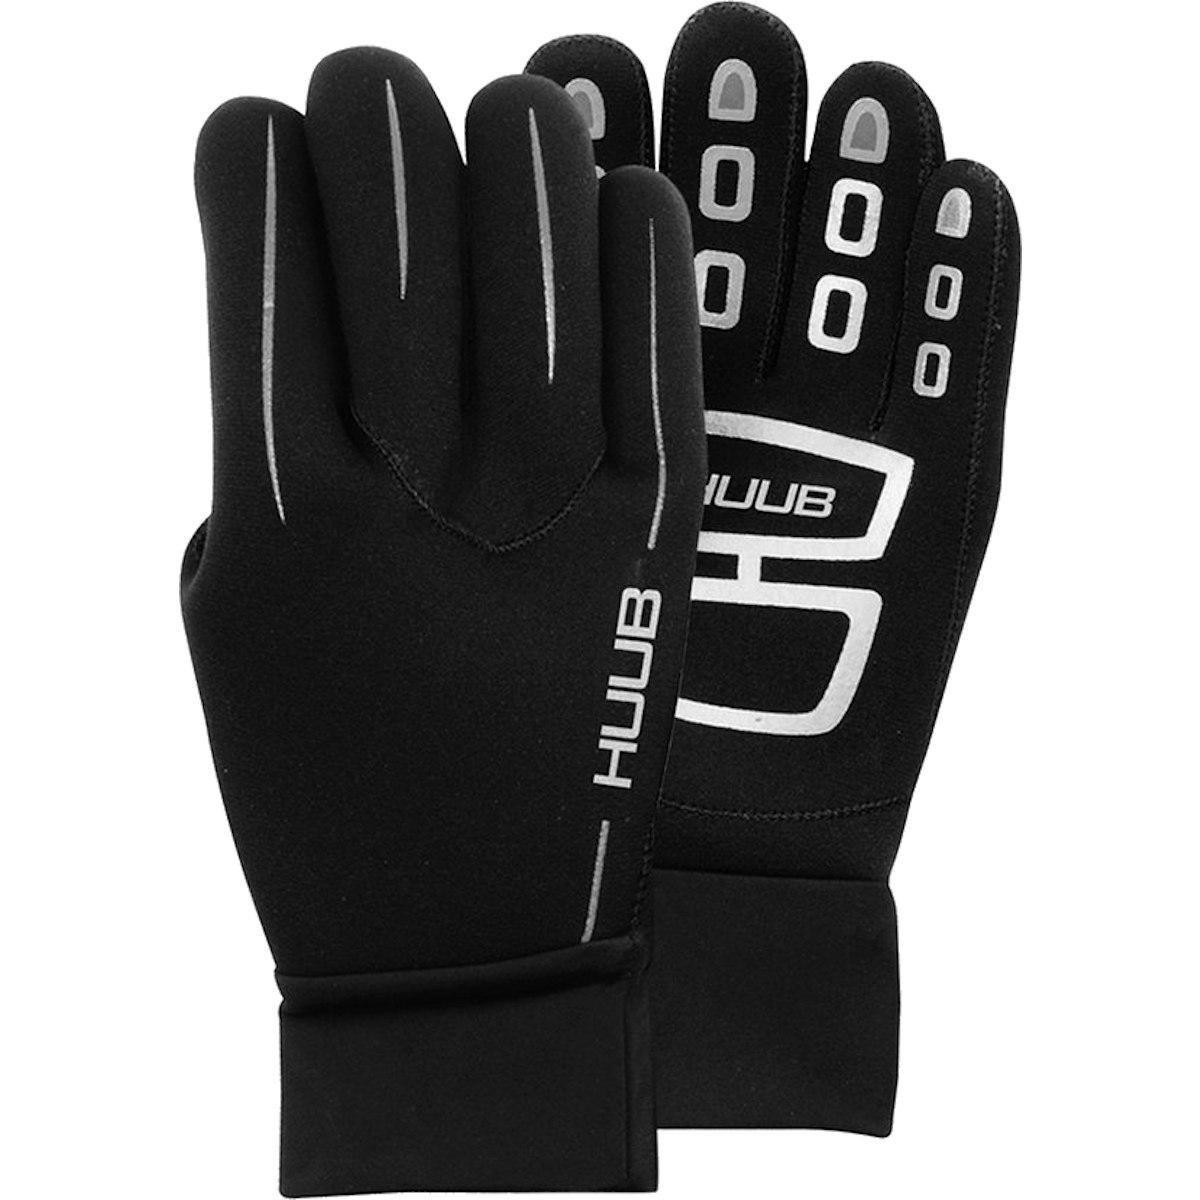 Produktbild von HUUB Design Neopren Schwimmhandschuhe - schwarz/silber